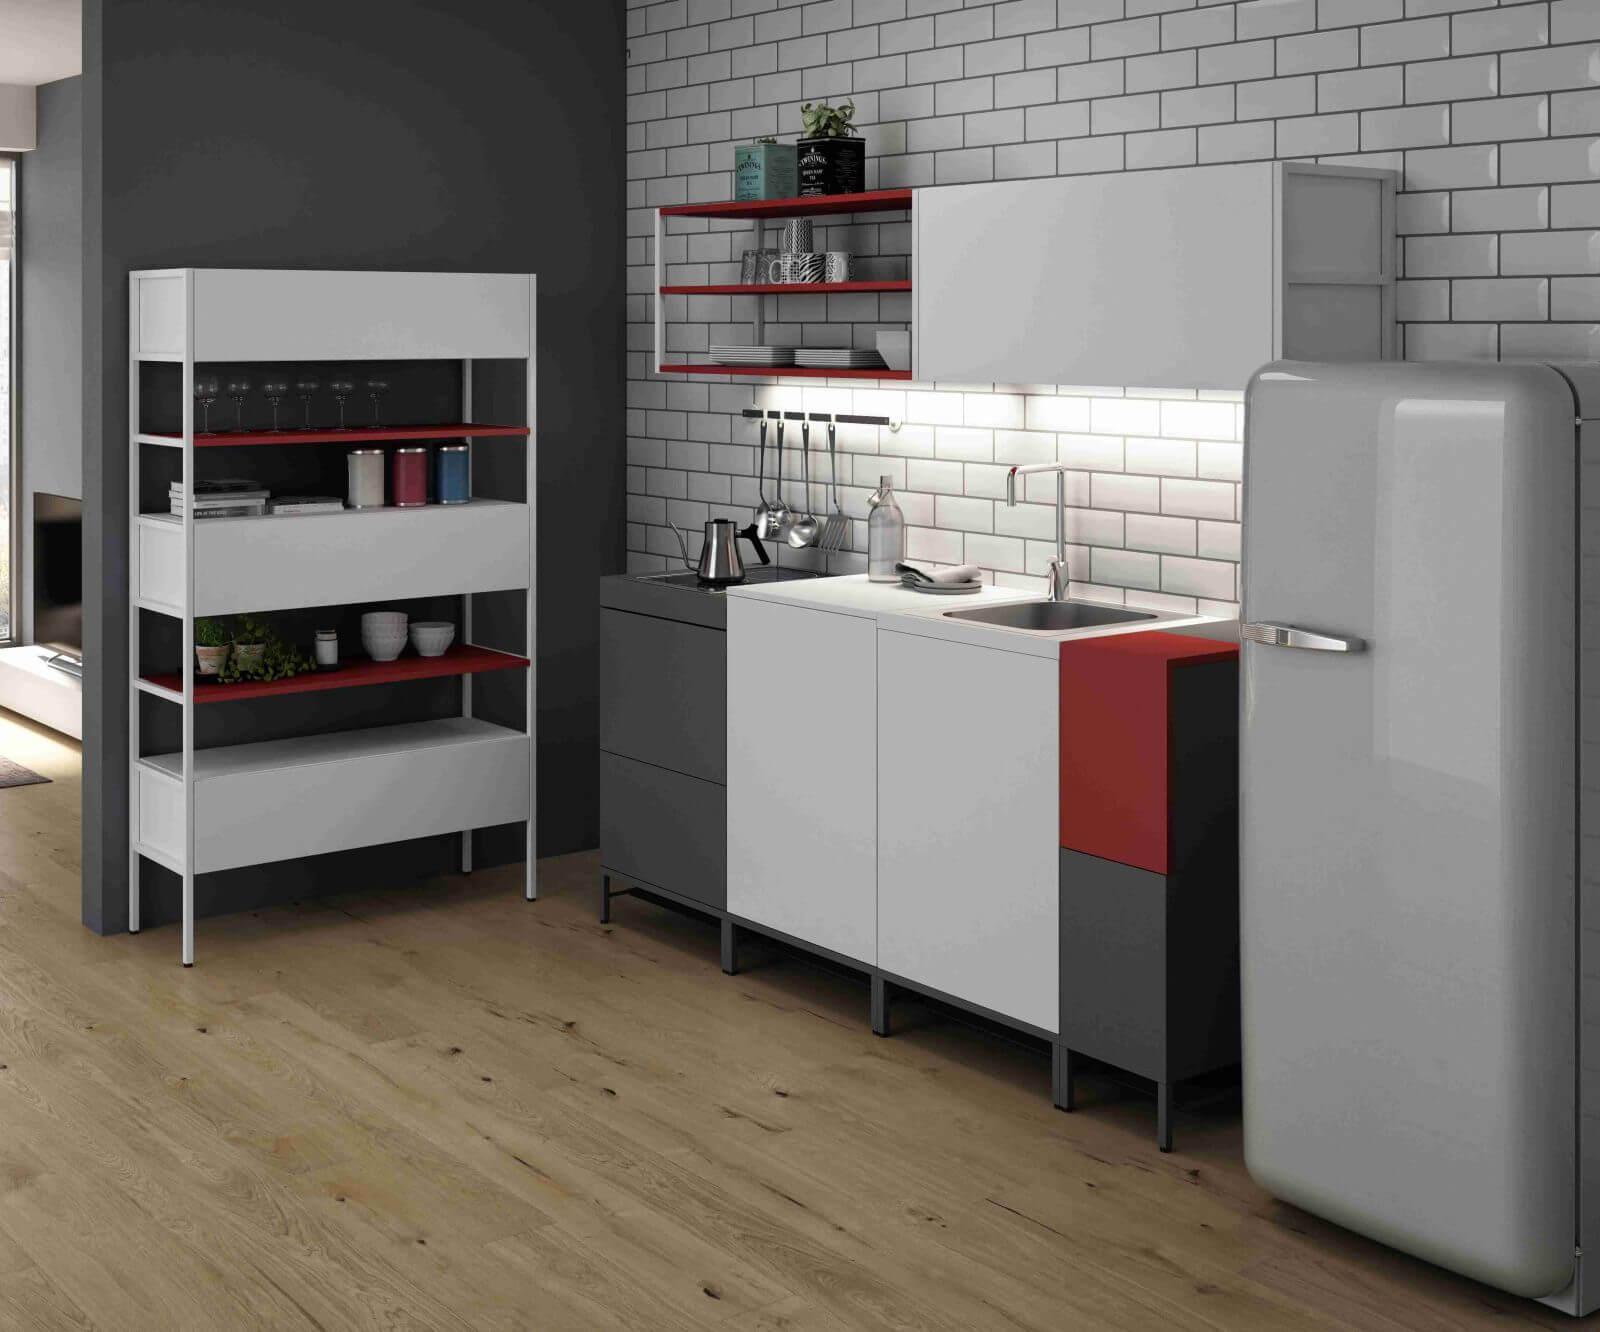 Modulare Küche kompakte design küche domomag von bralco   büromöbel